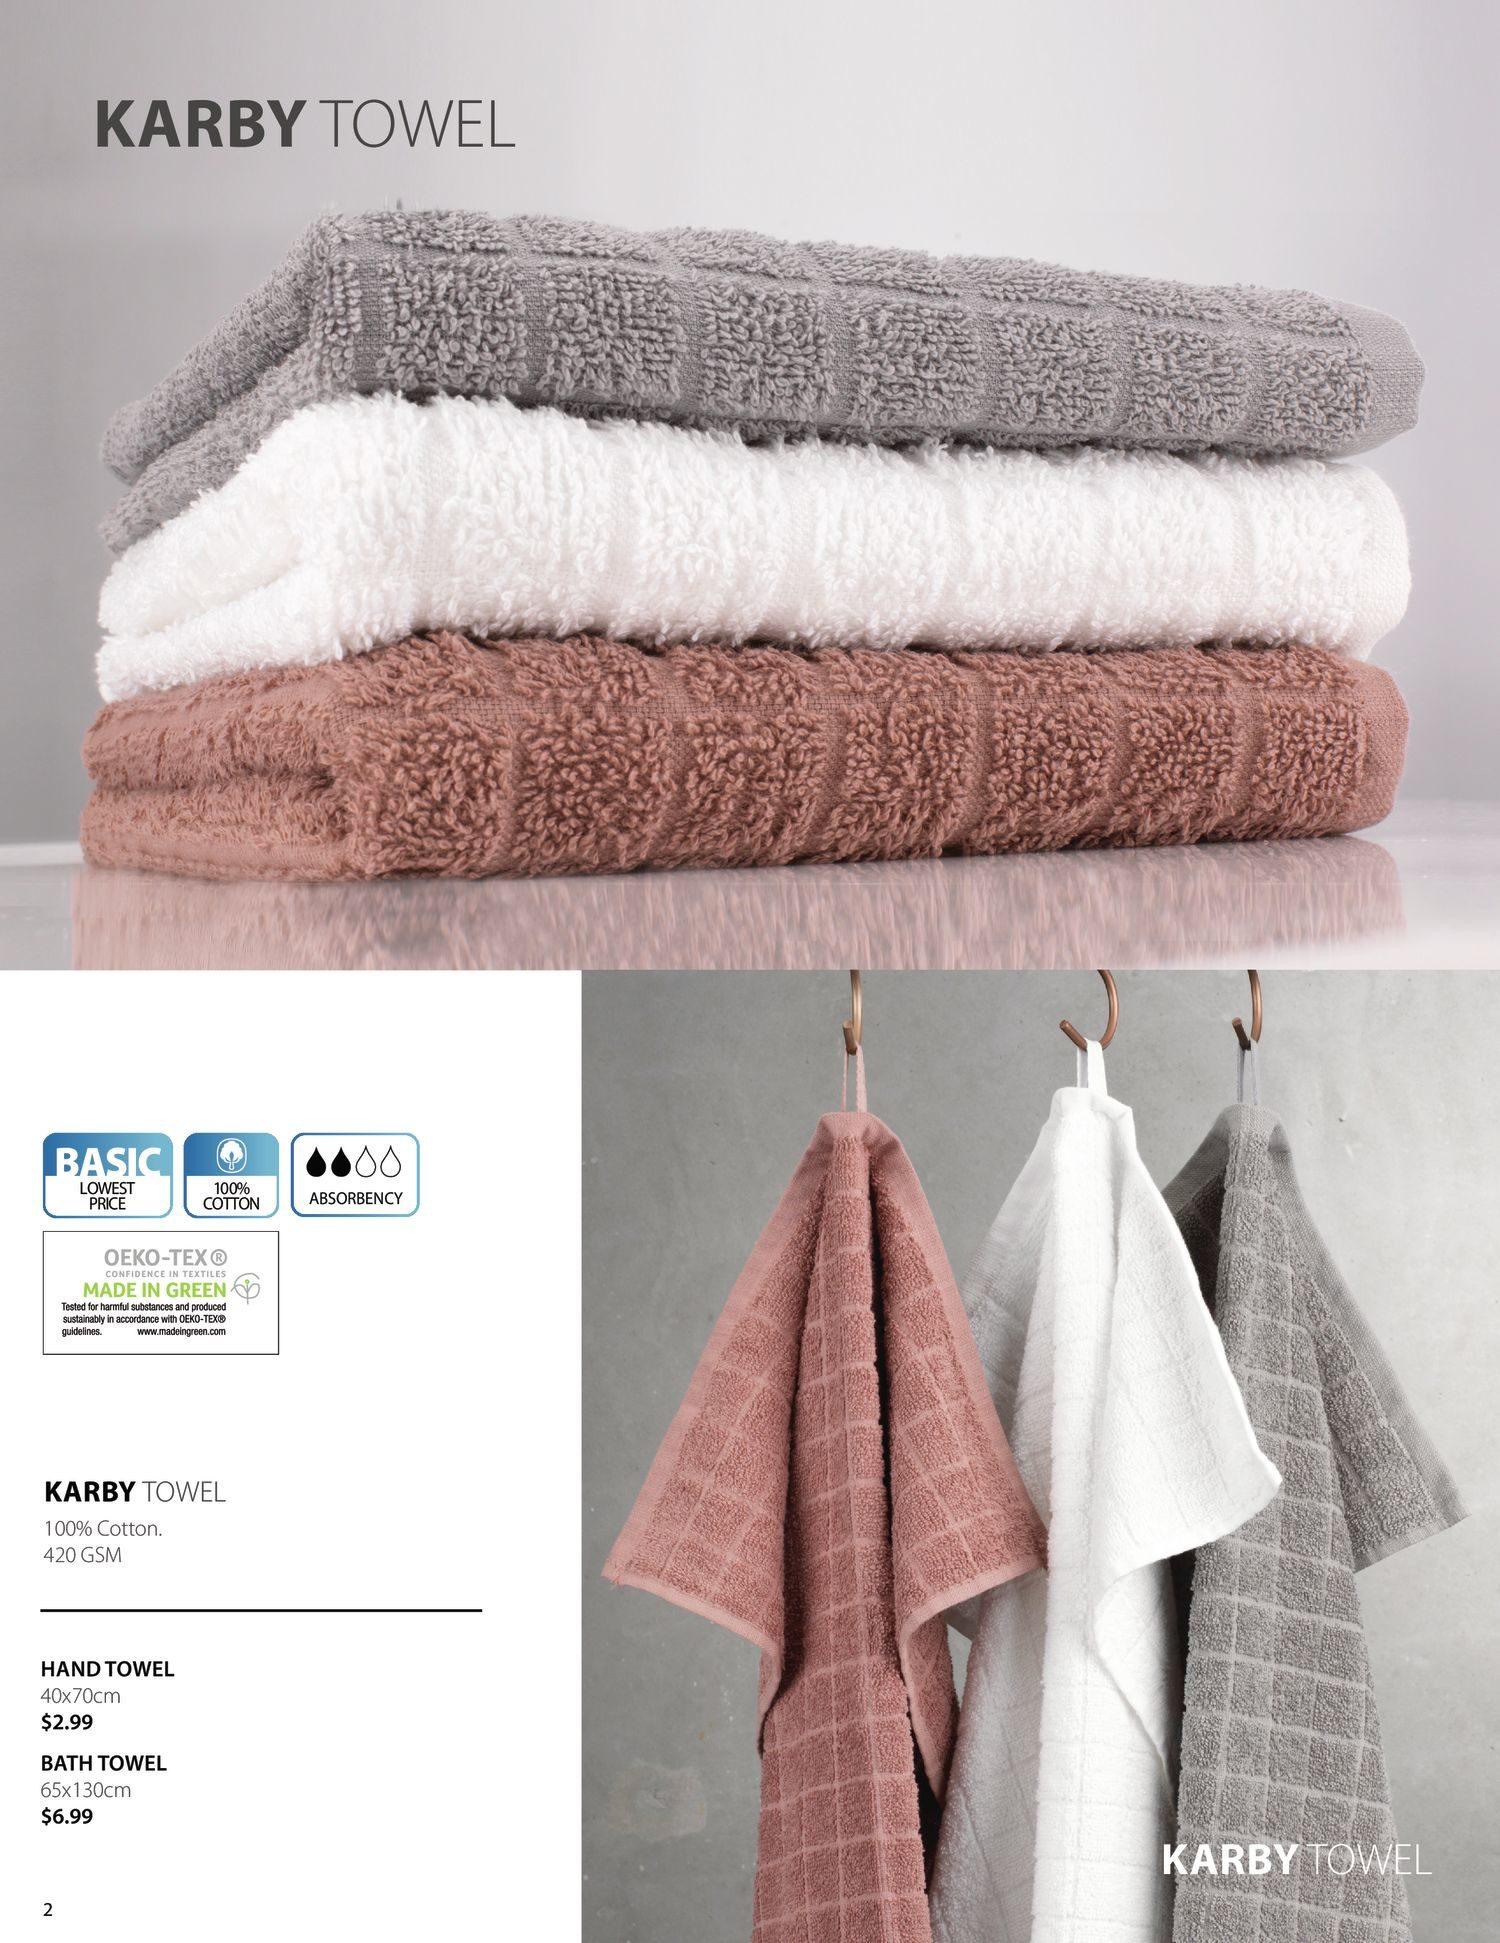 Jysk - Bathroom Accessories Catalogue 2021 - Page 2